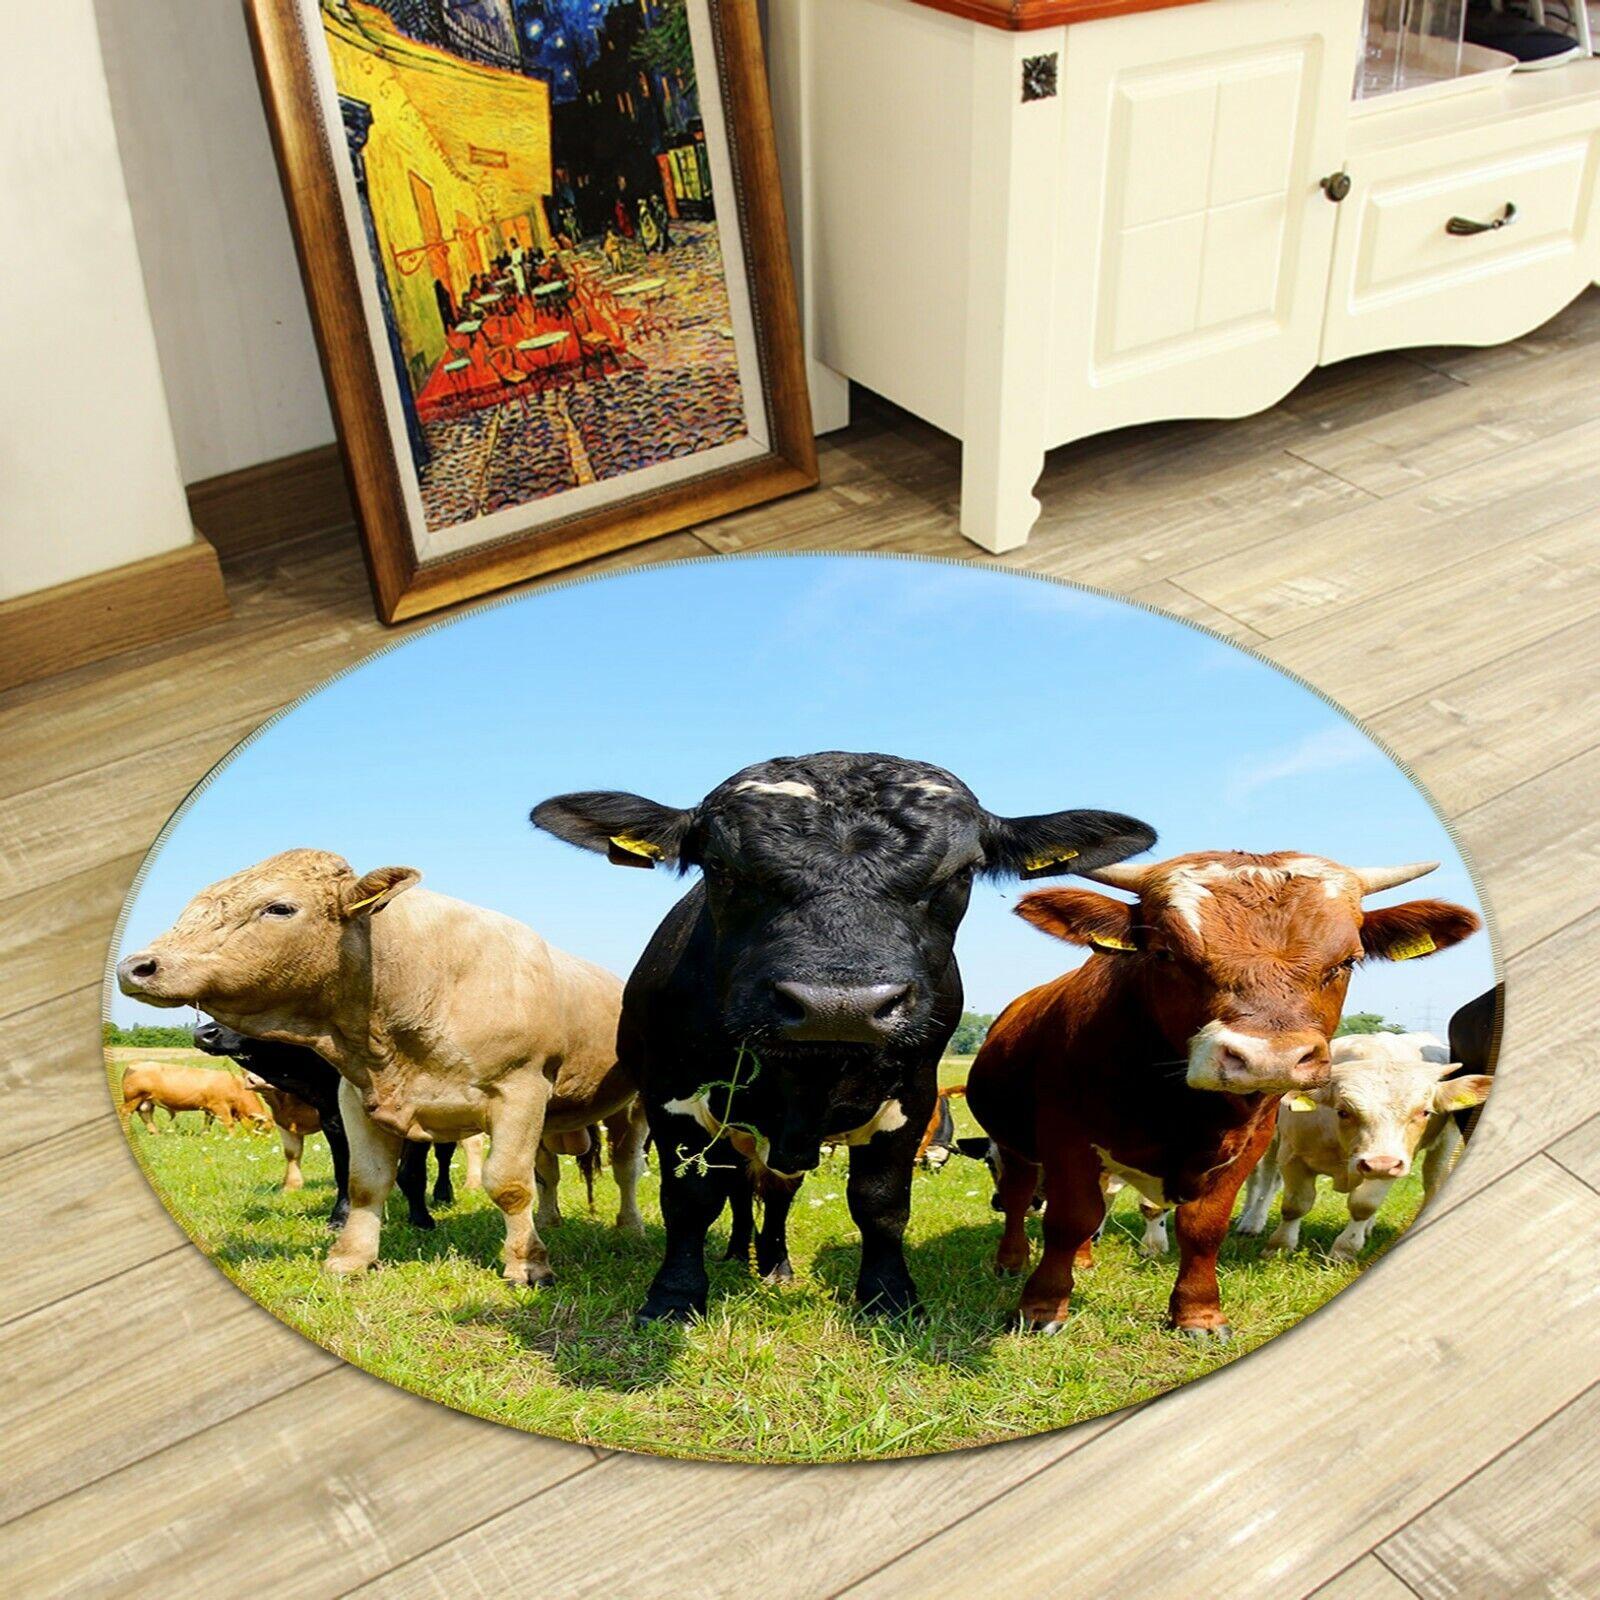 3D PRATI SKY BOVINI C32 ANIMALI tappetino antiscivolo tappeto rossoondo elegante Tappeto Wendy